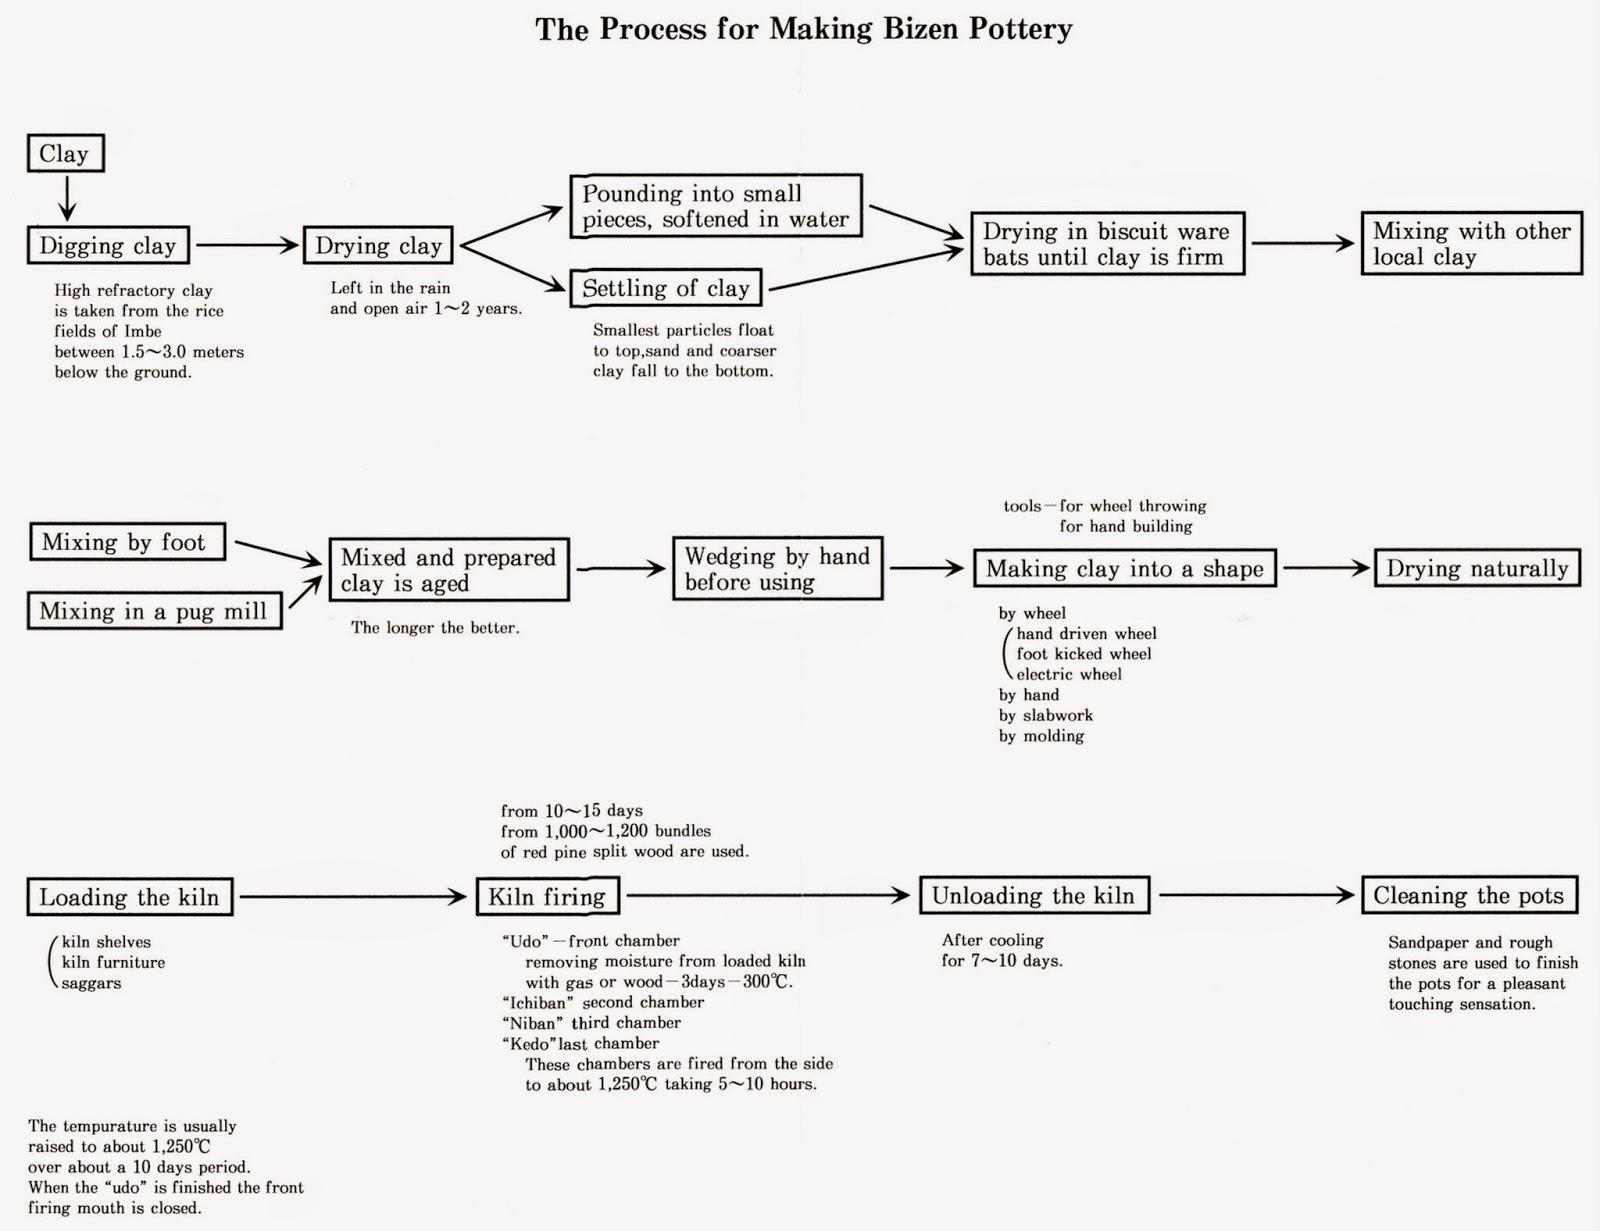 Processus de fabrication de la céramique de bizen